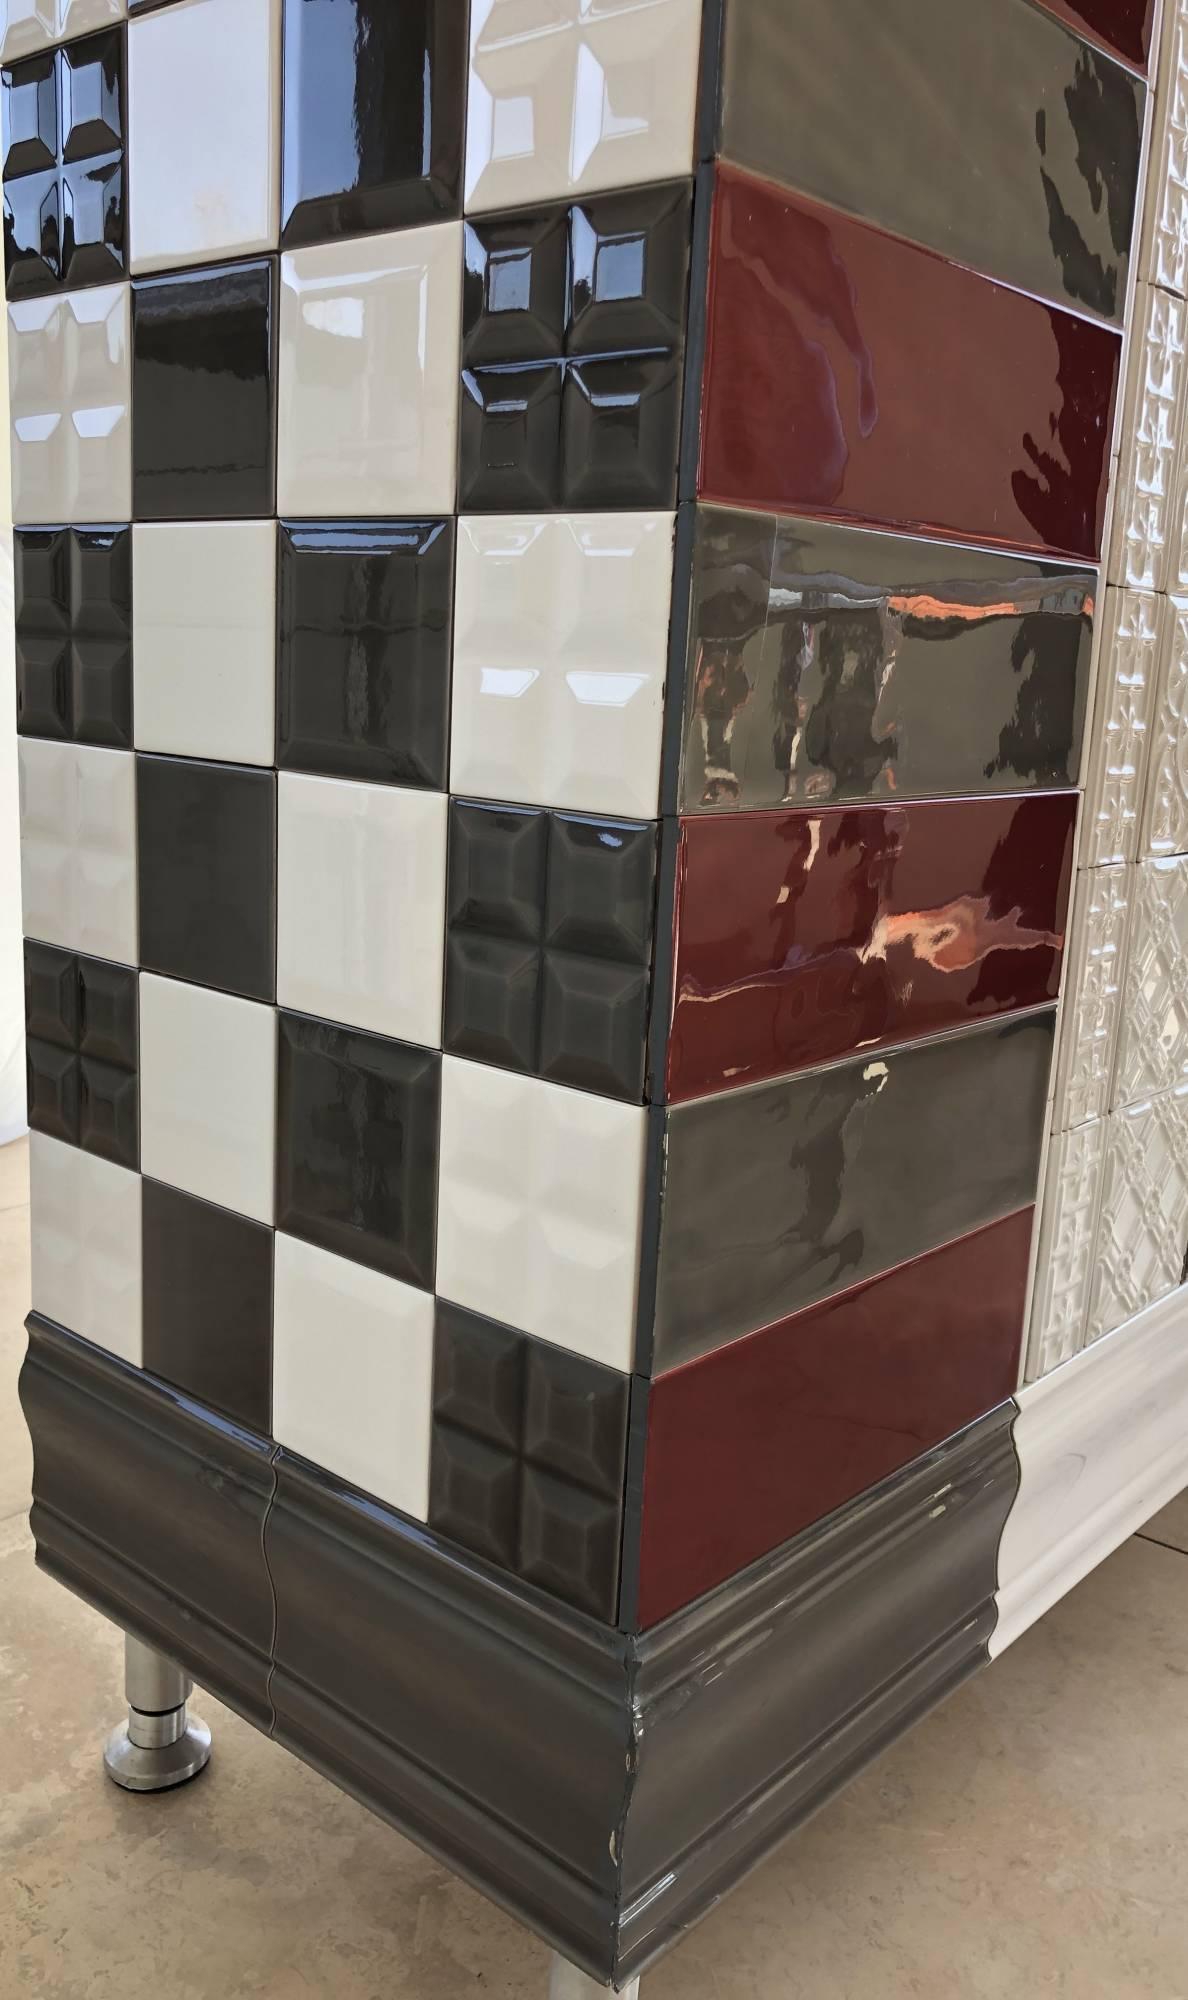 Vente De Carreaux Ciment Pour Salle De Bain Nantes Diffusion Ceramique